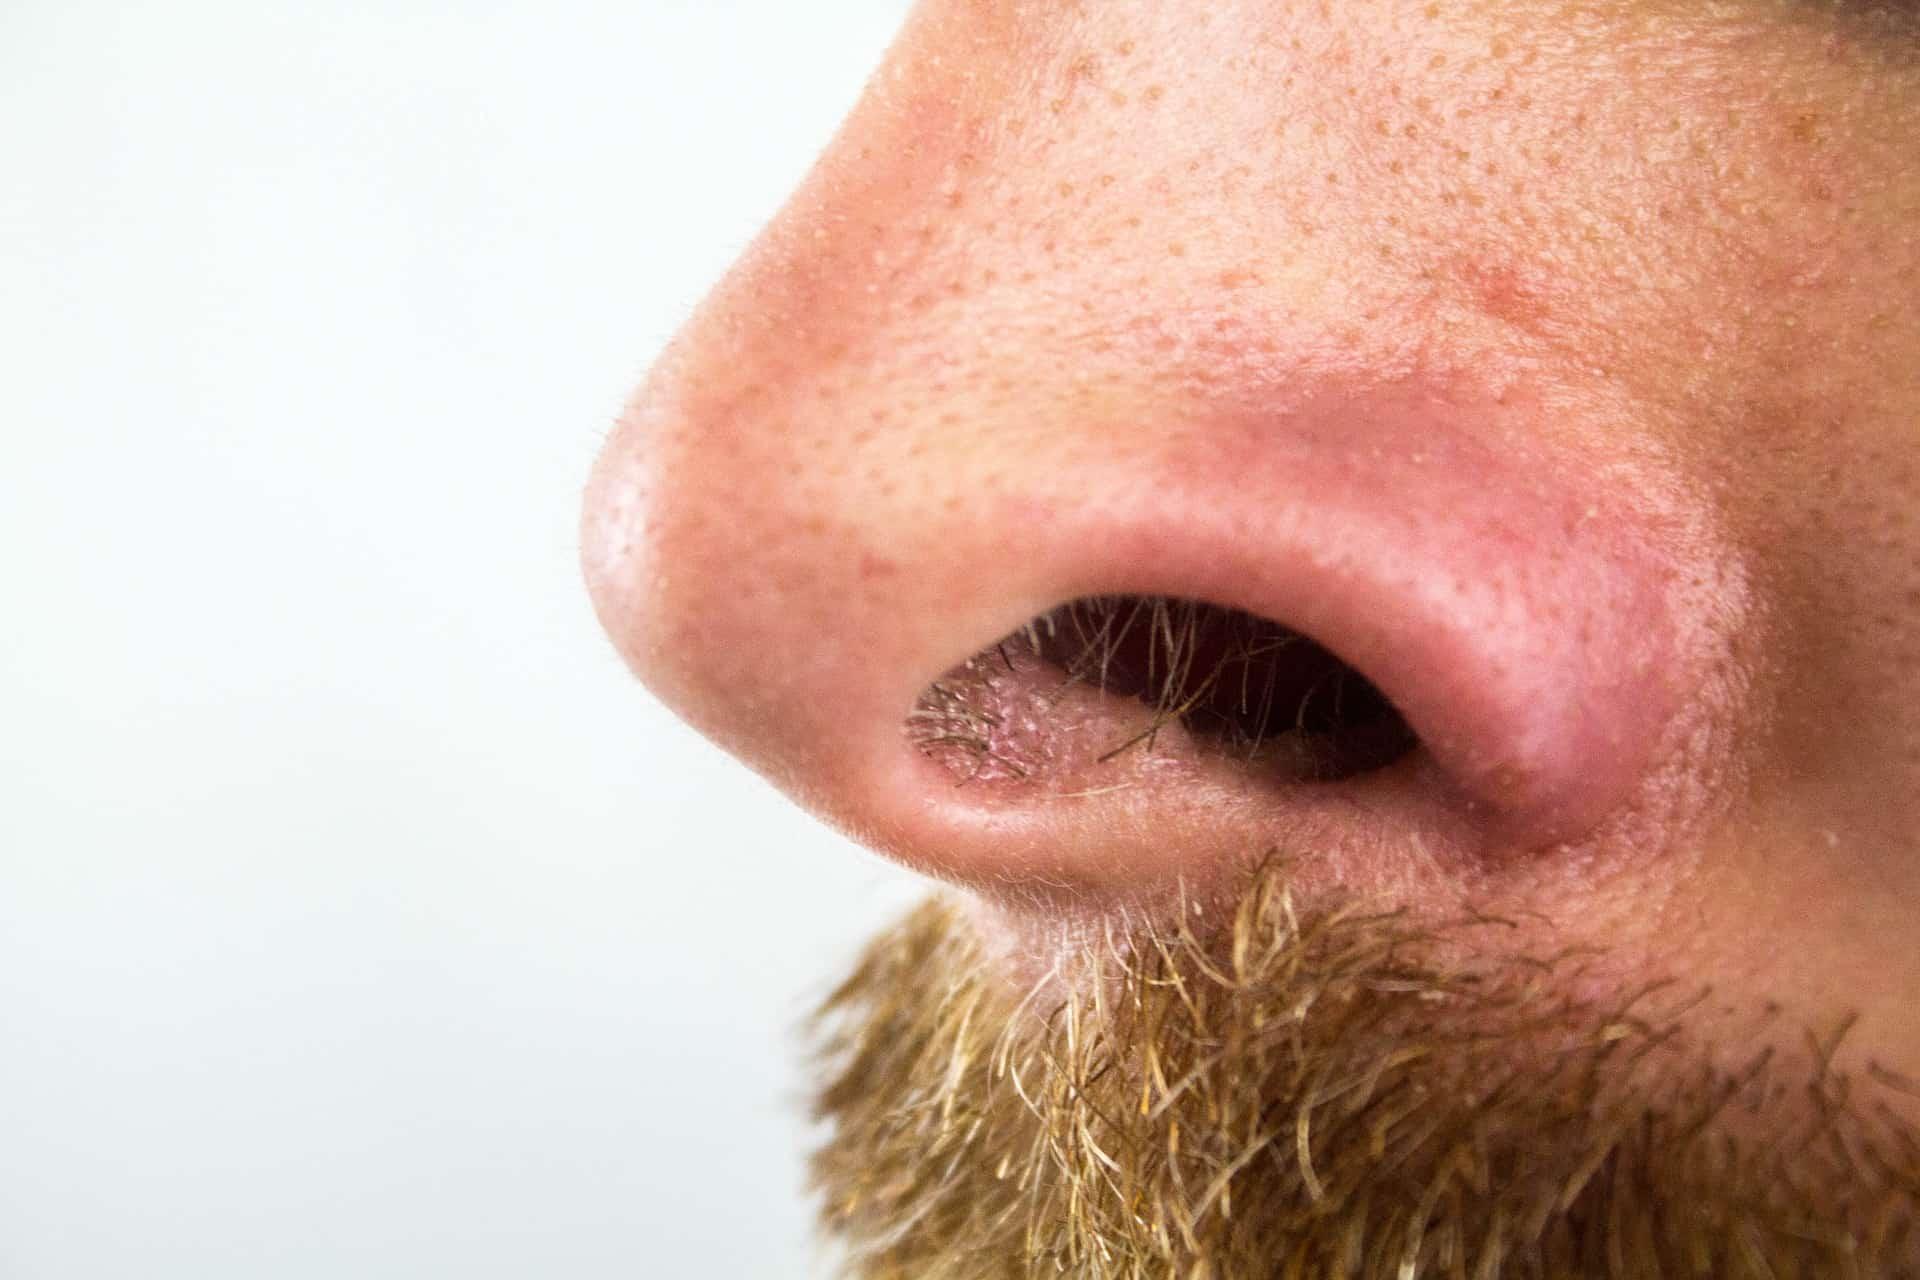 Nasenspülsalz: Test & Empfehlungen (04/21)